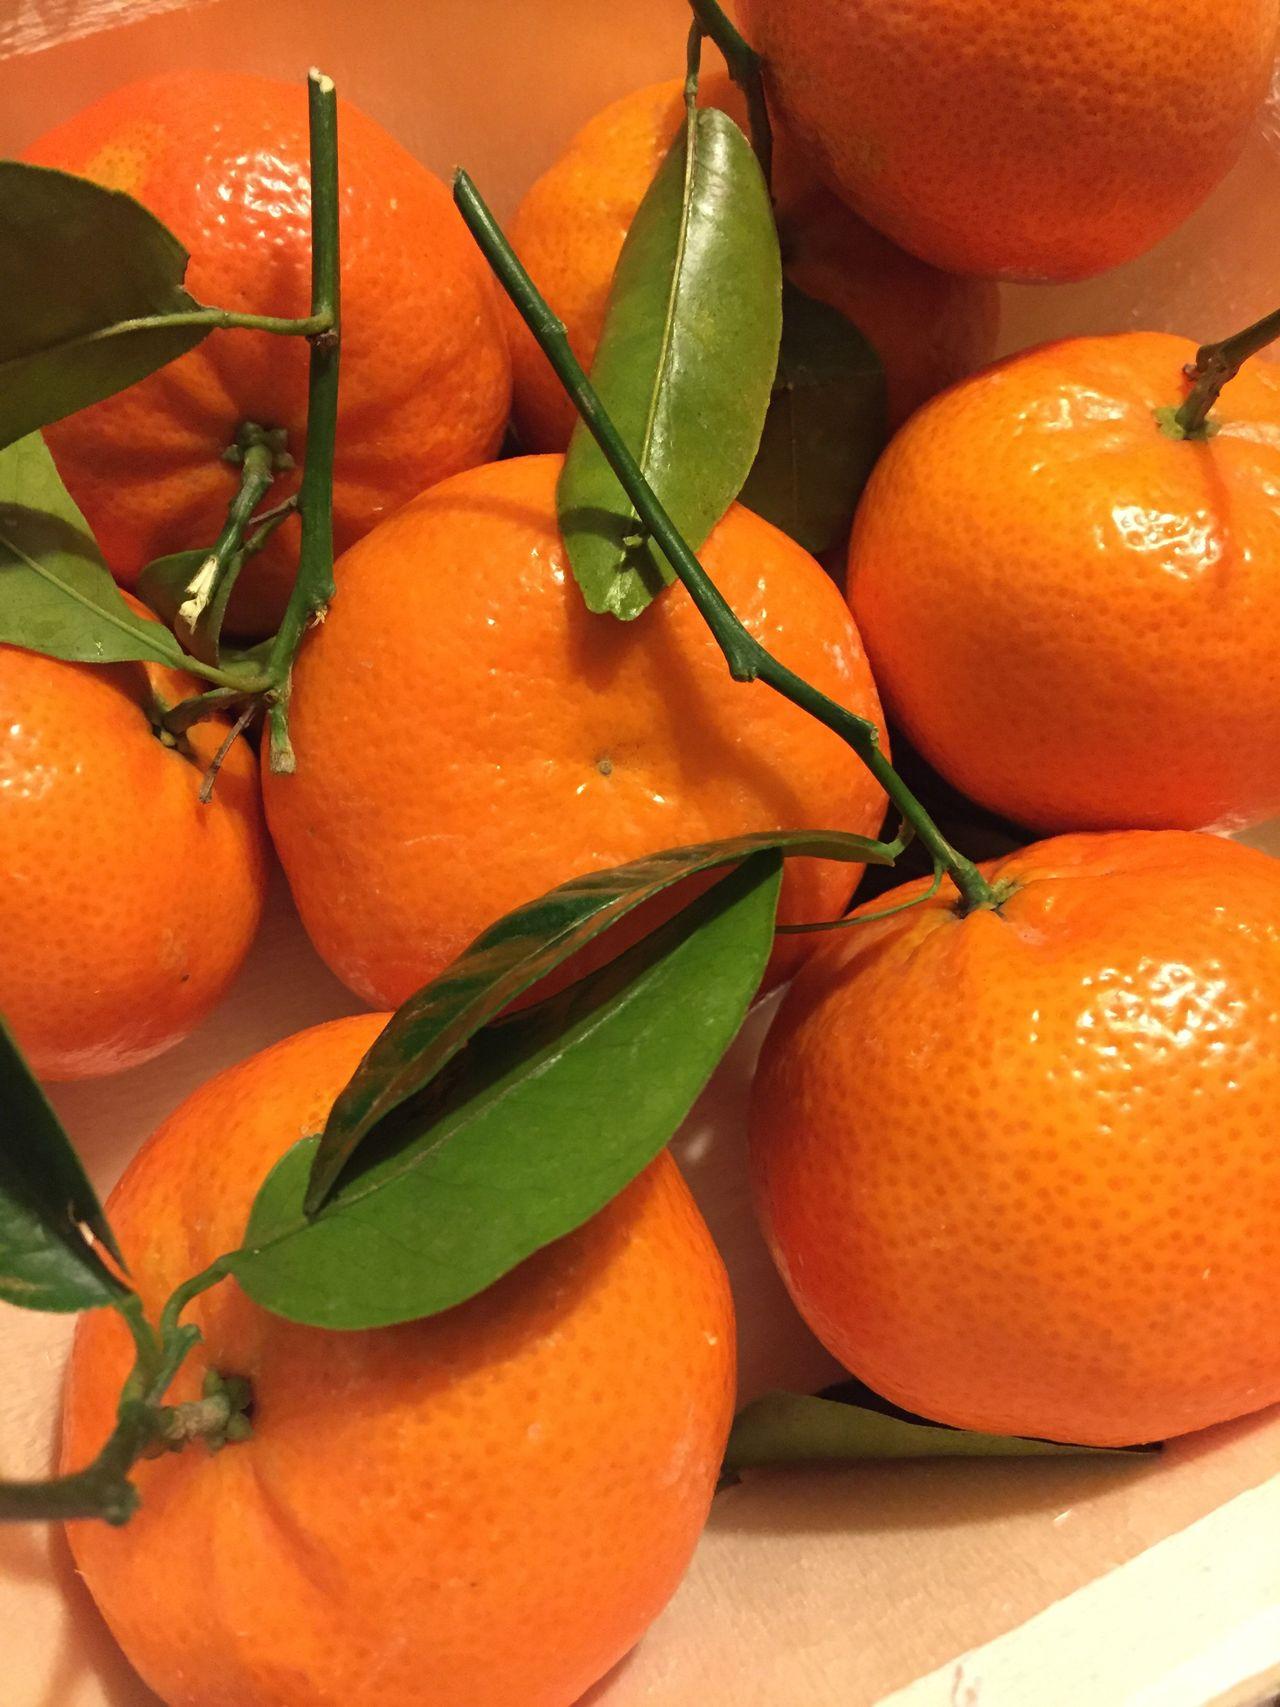 Orange - Fruit Fruit Freshness Citrus Fruit Orange Color Healthy Eating Leaf Food Food And Drink No People Close-up Orange Tree Day